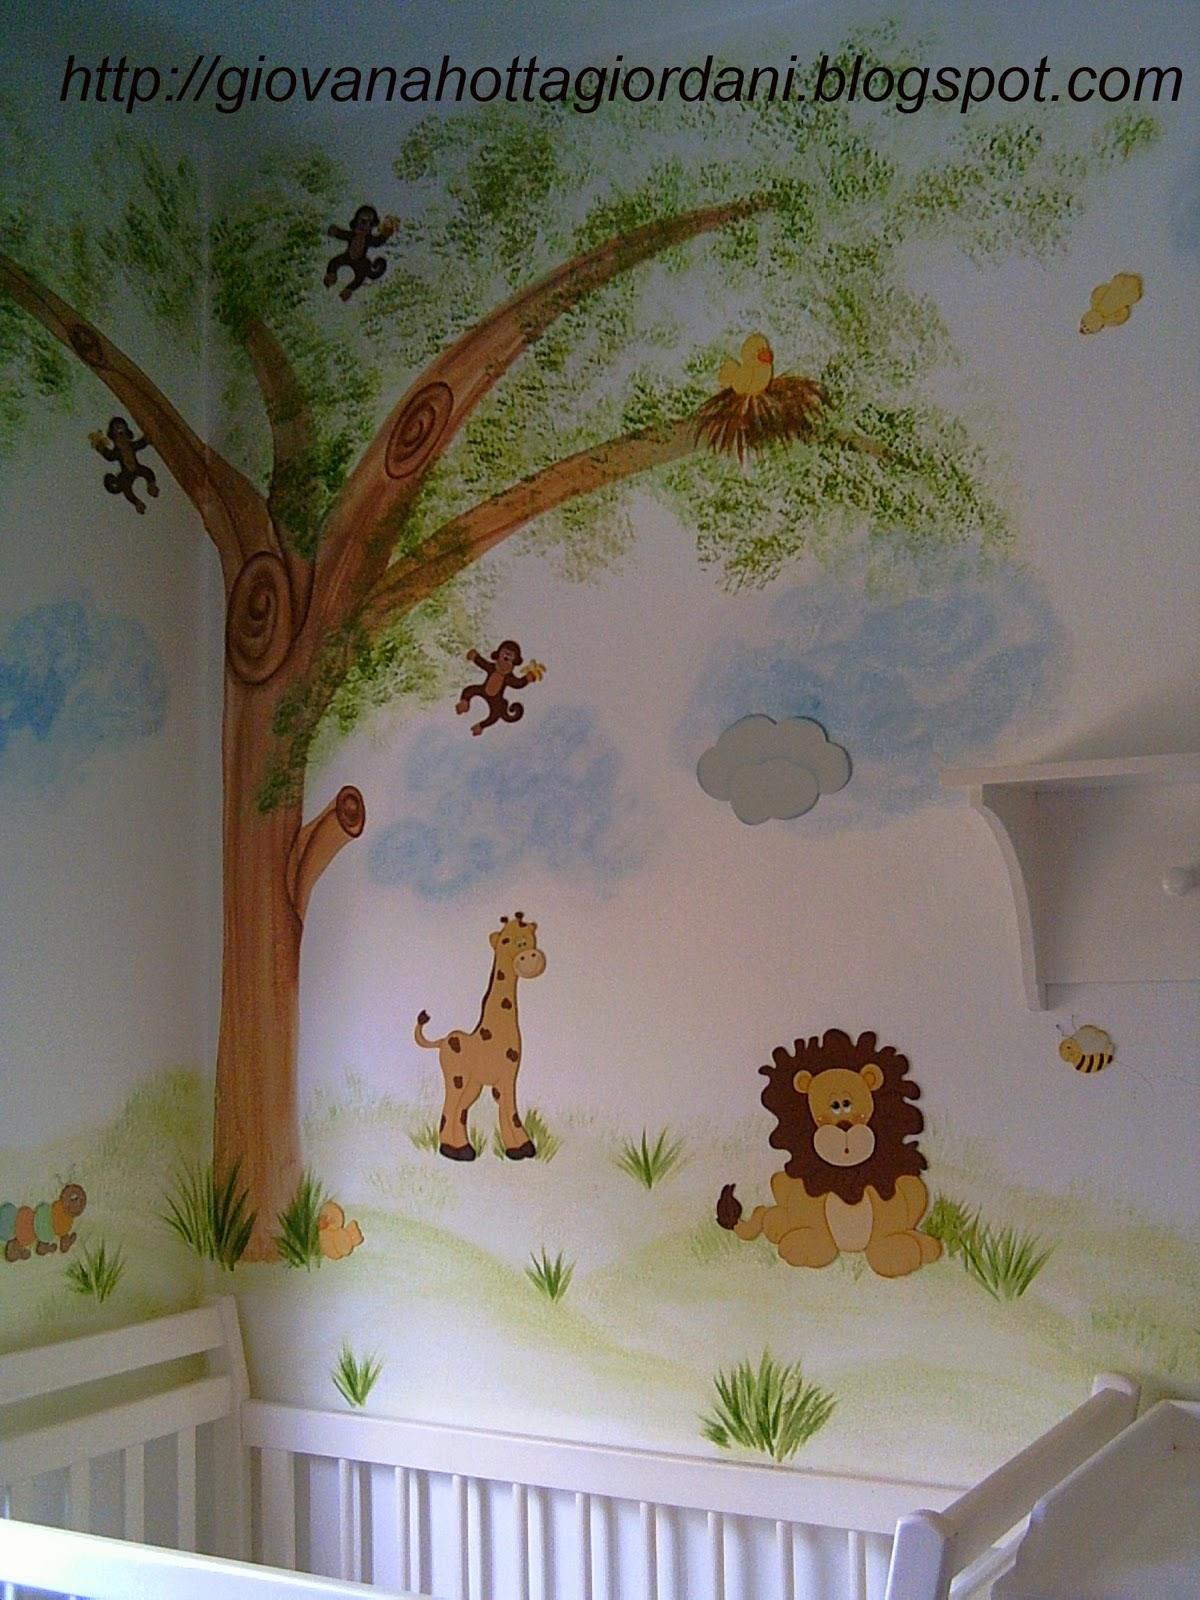 Giovana hotta giordani design de interiores pintura - Pintura decorativa para paredes ...